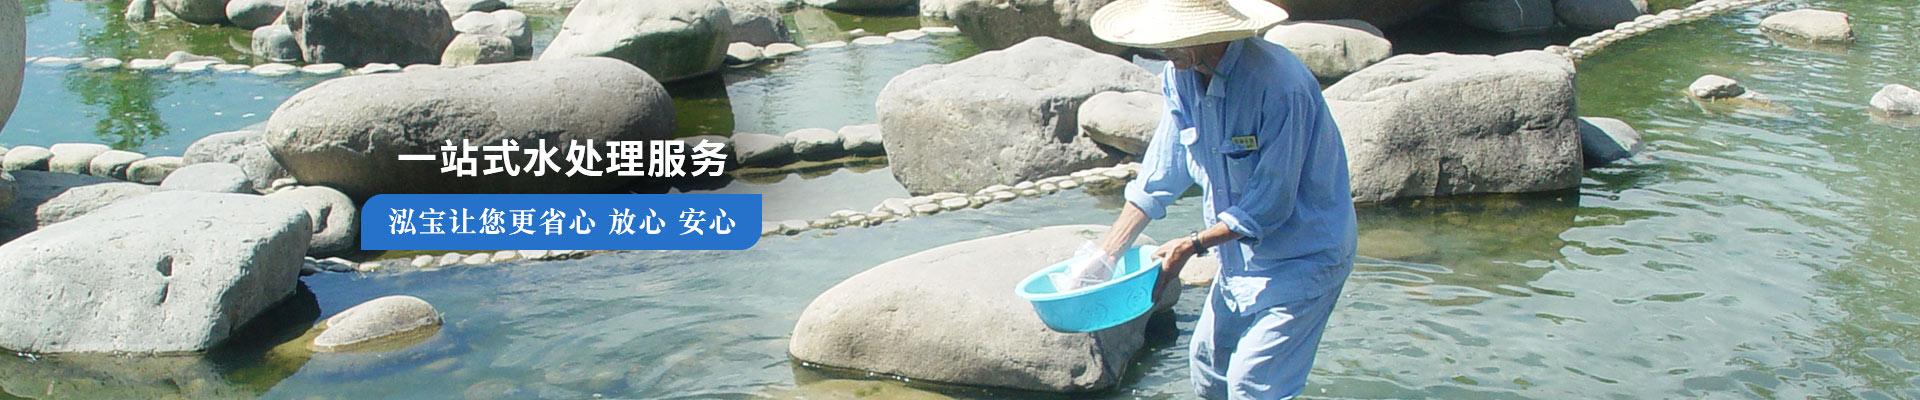 一站式水处理服务  泓宝让您更省心、放心、安心